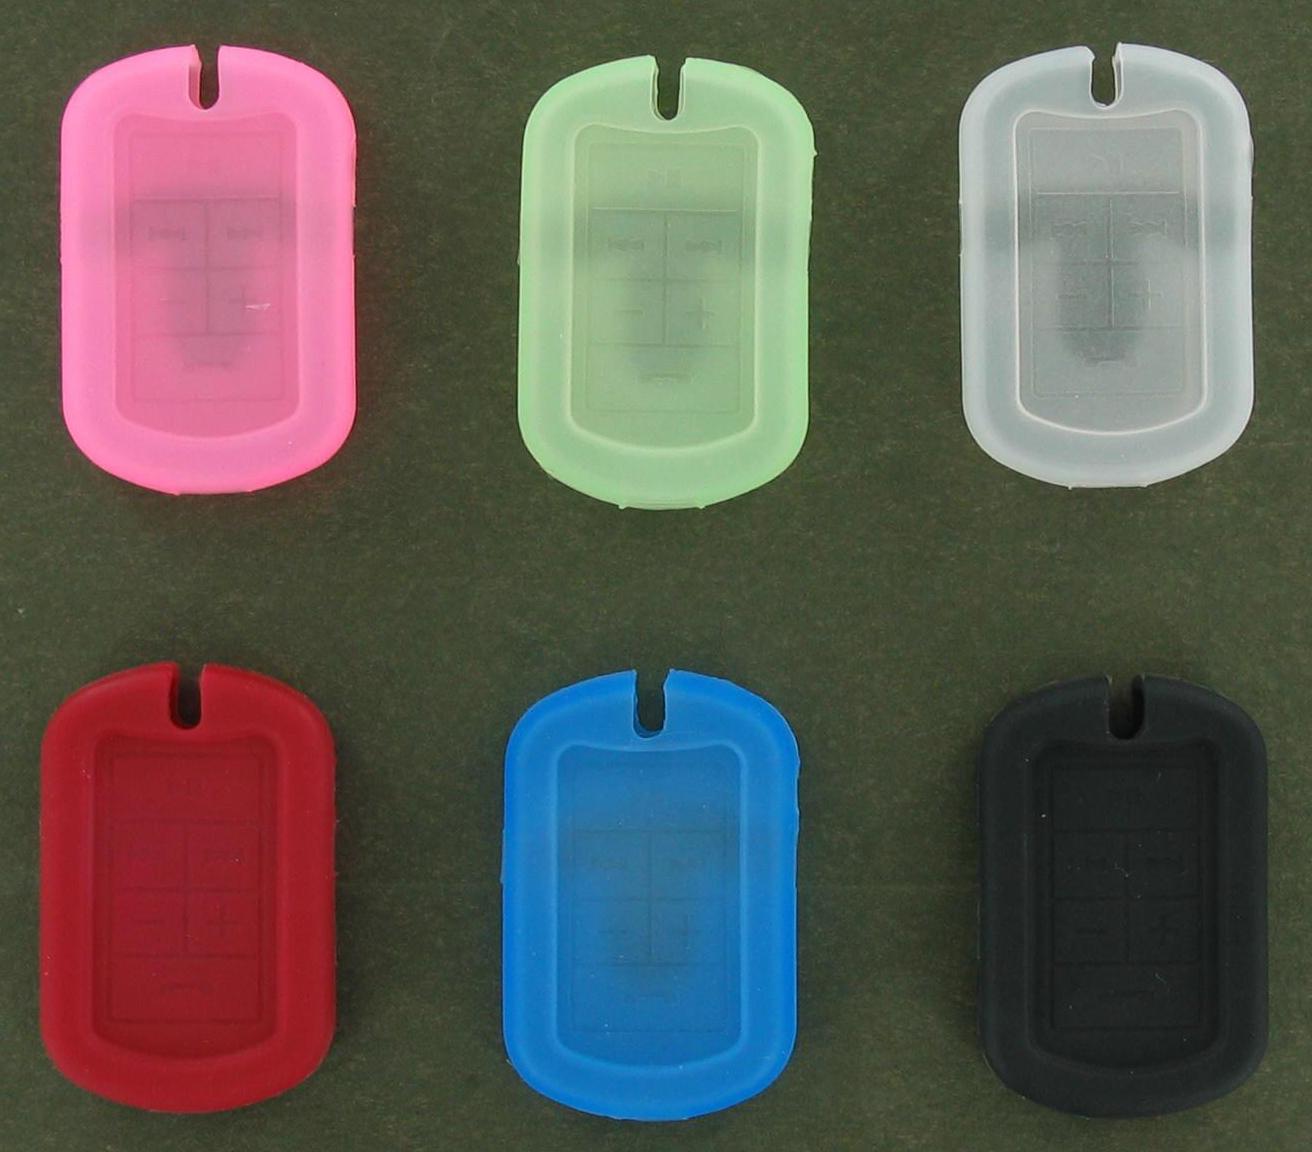 Jabra 6-Pack DogTag Gel Cases for Jabra BT3030 Bluetooth Headset (Assorted Colors)